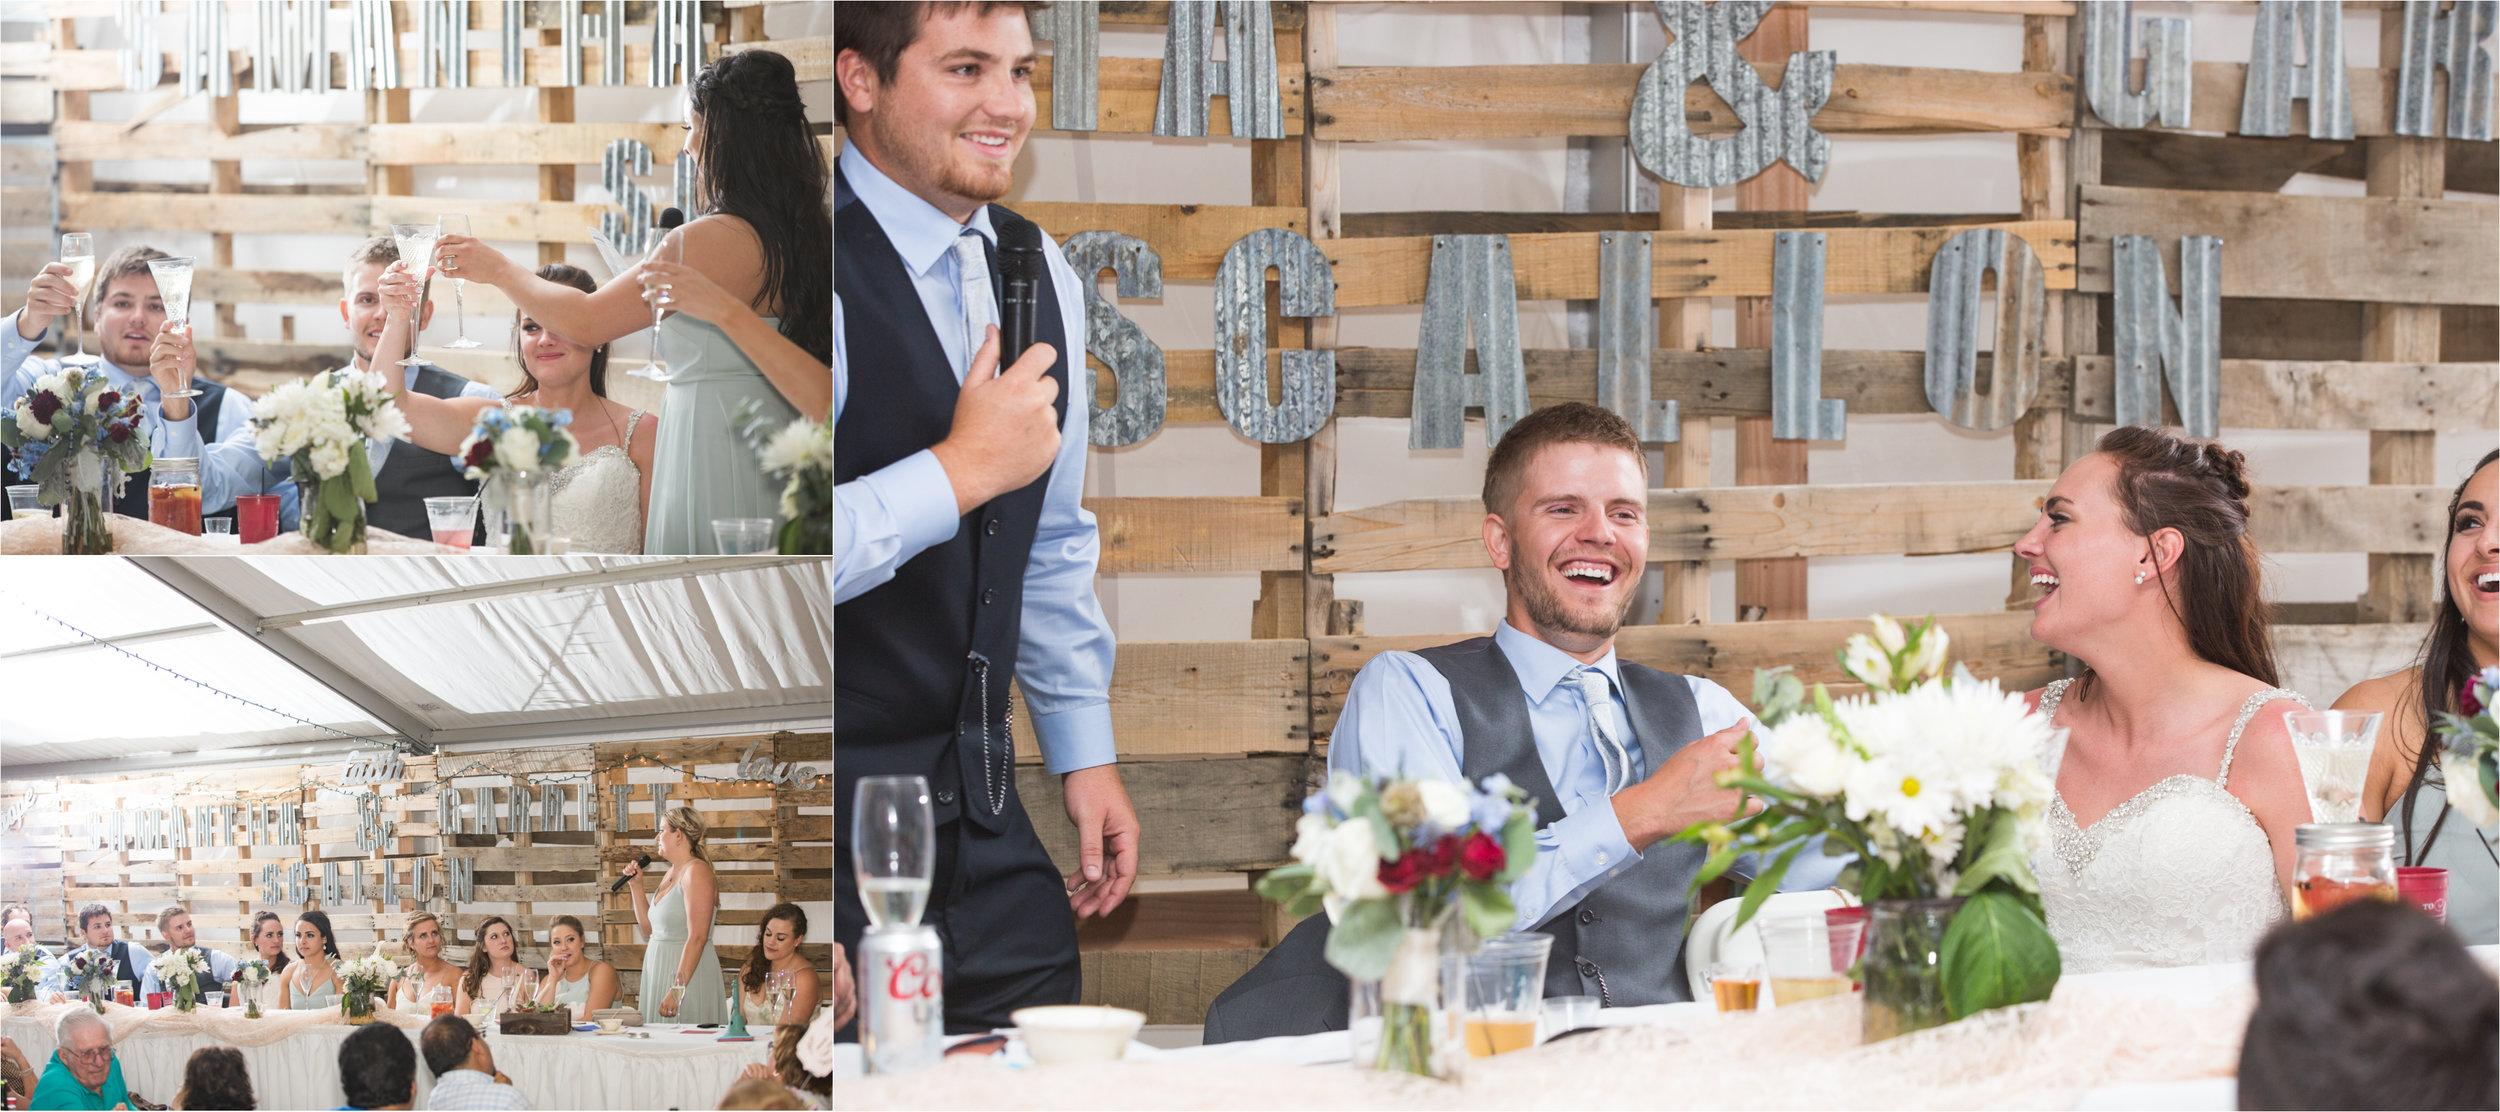 Scallon Wedding 27.jpg